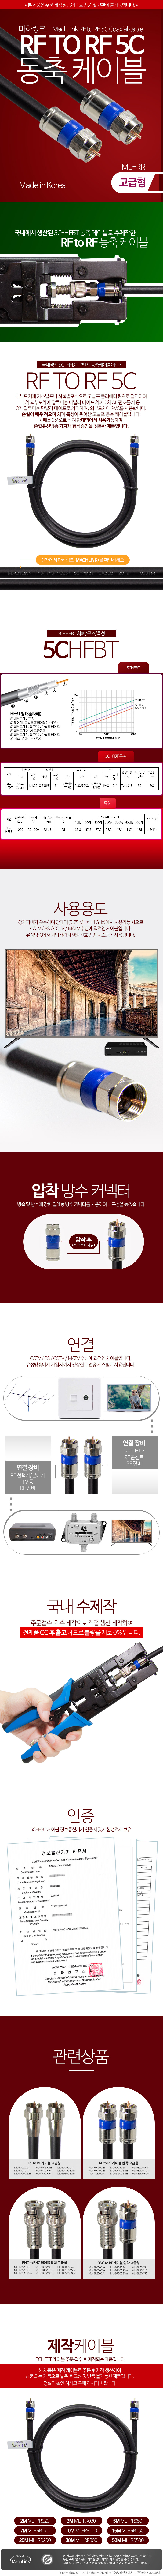 마하링크  RF to RF 5C 동축 케이블 (ML-RR)(10m)